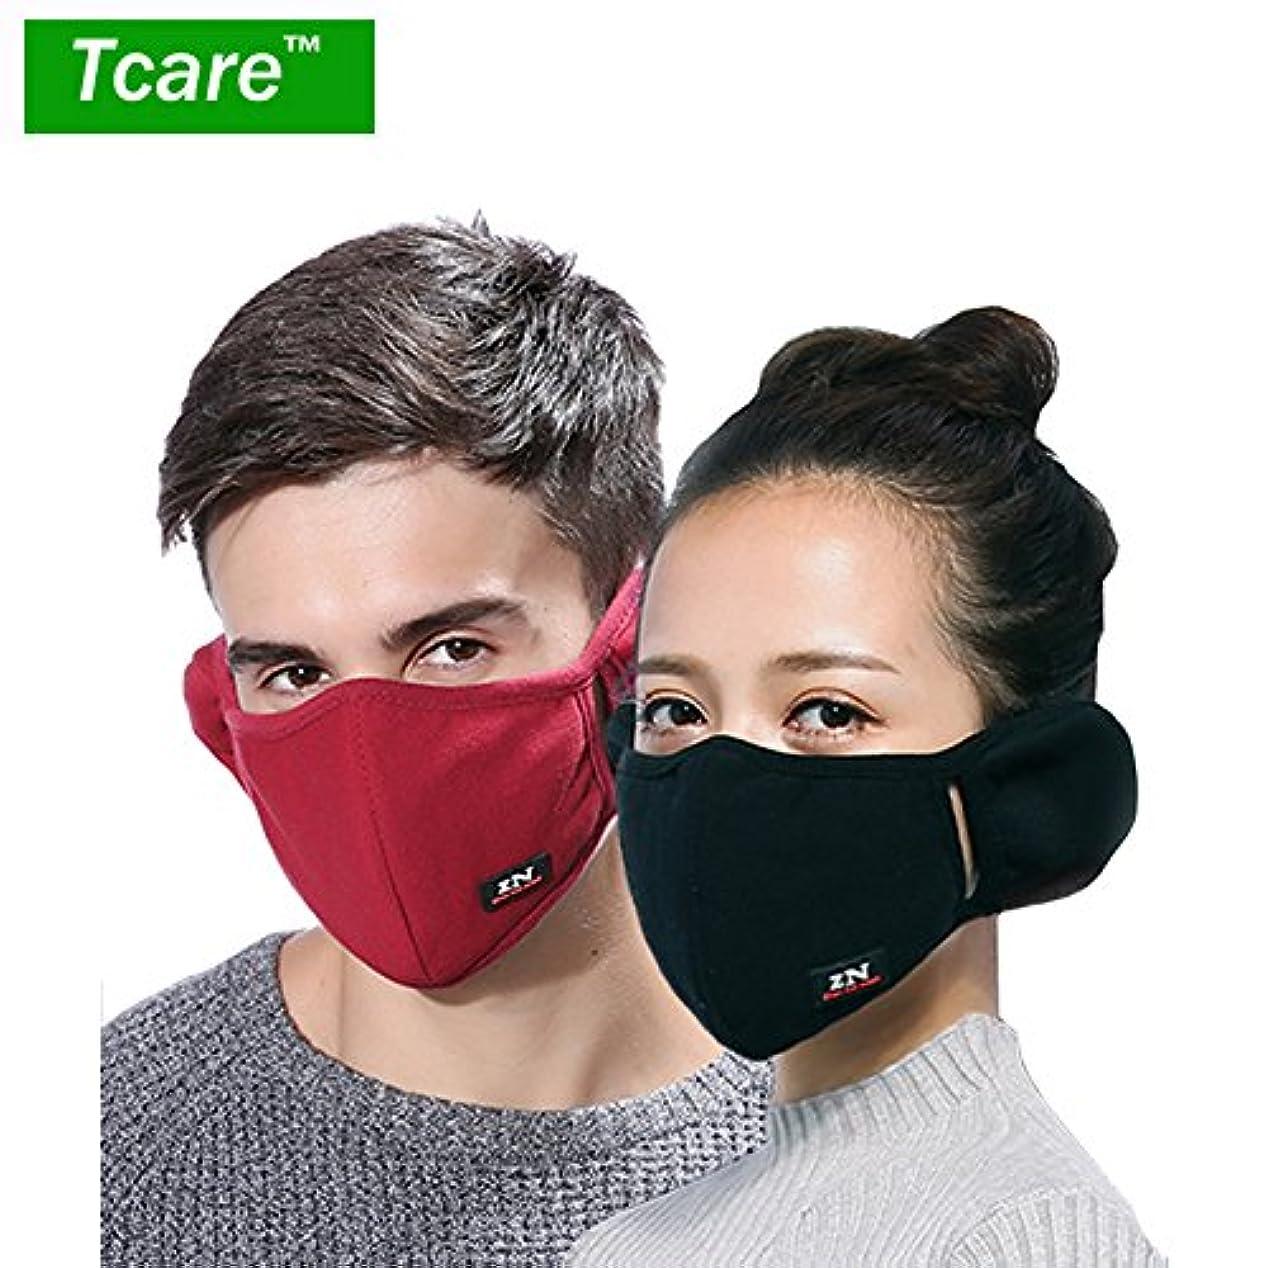 本当のことを言うと軸ソケット男性女性の少年少女のためのTcare呼吸器2レイヤピュアコットン保護フィルター挿入口:7ブラック